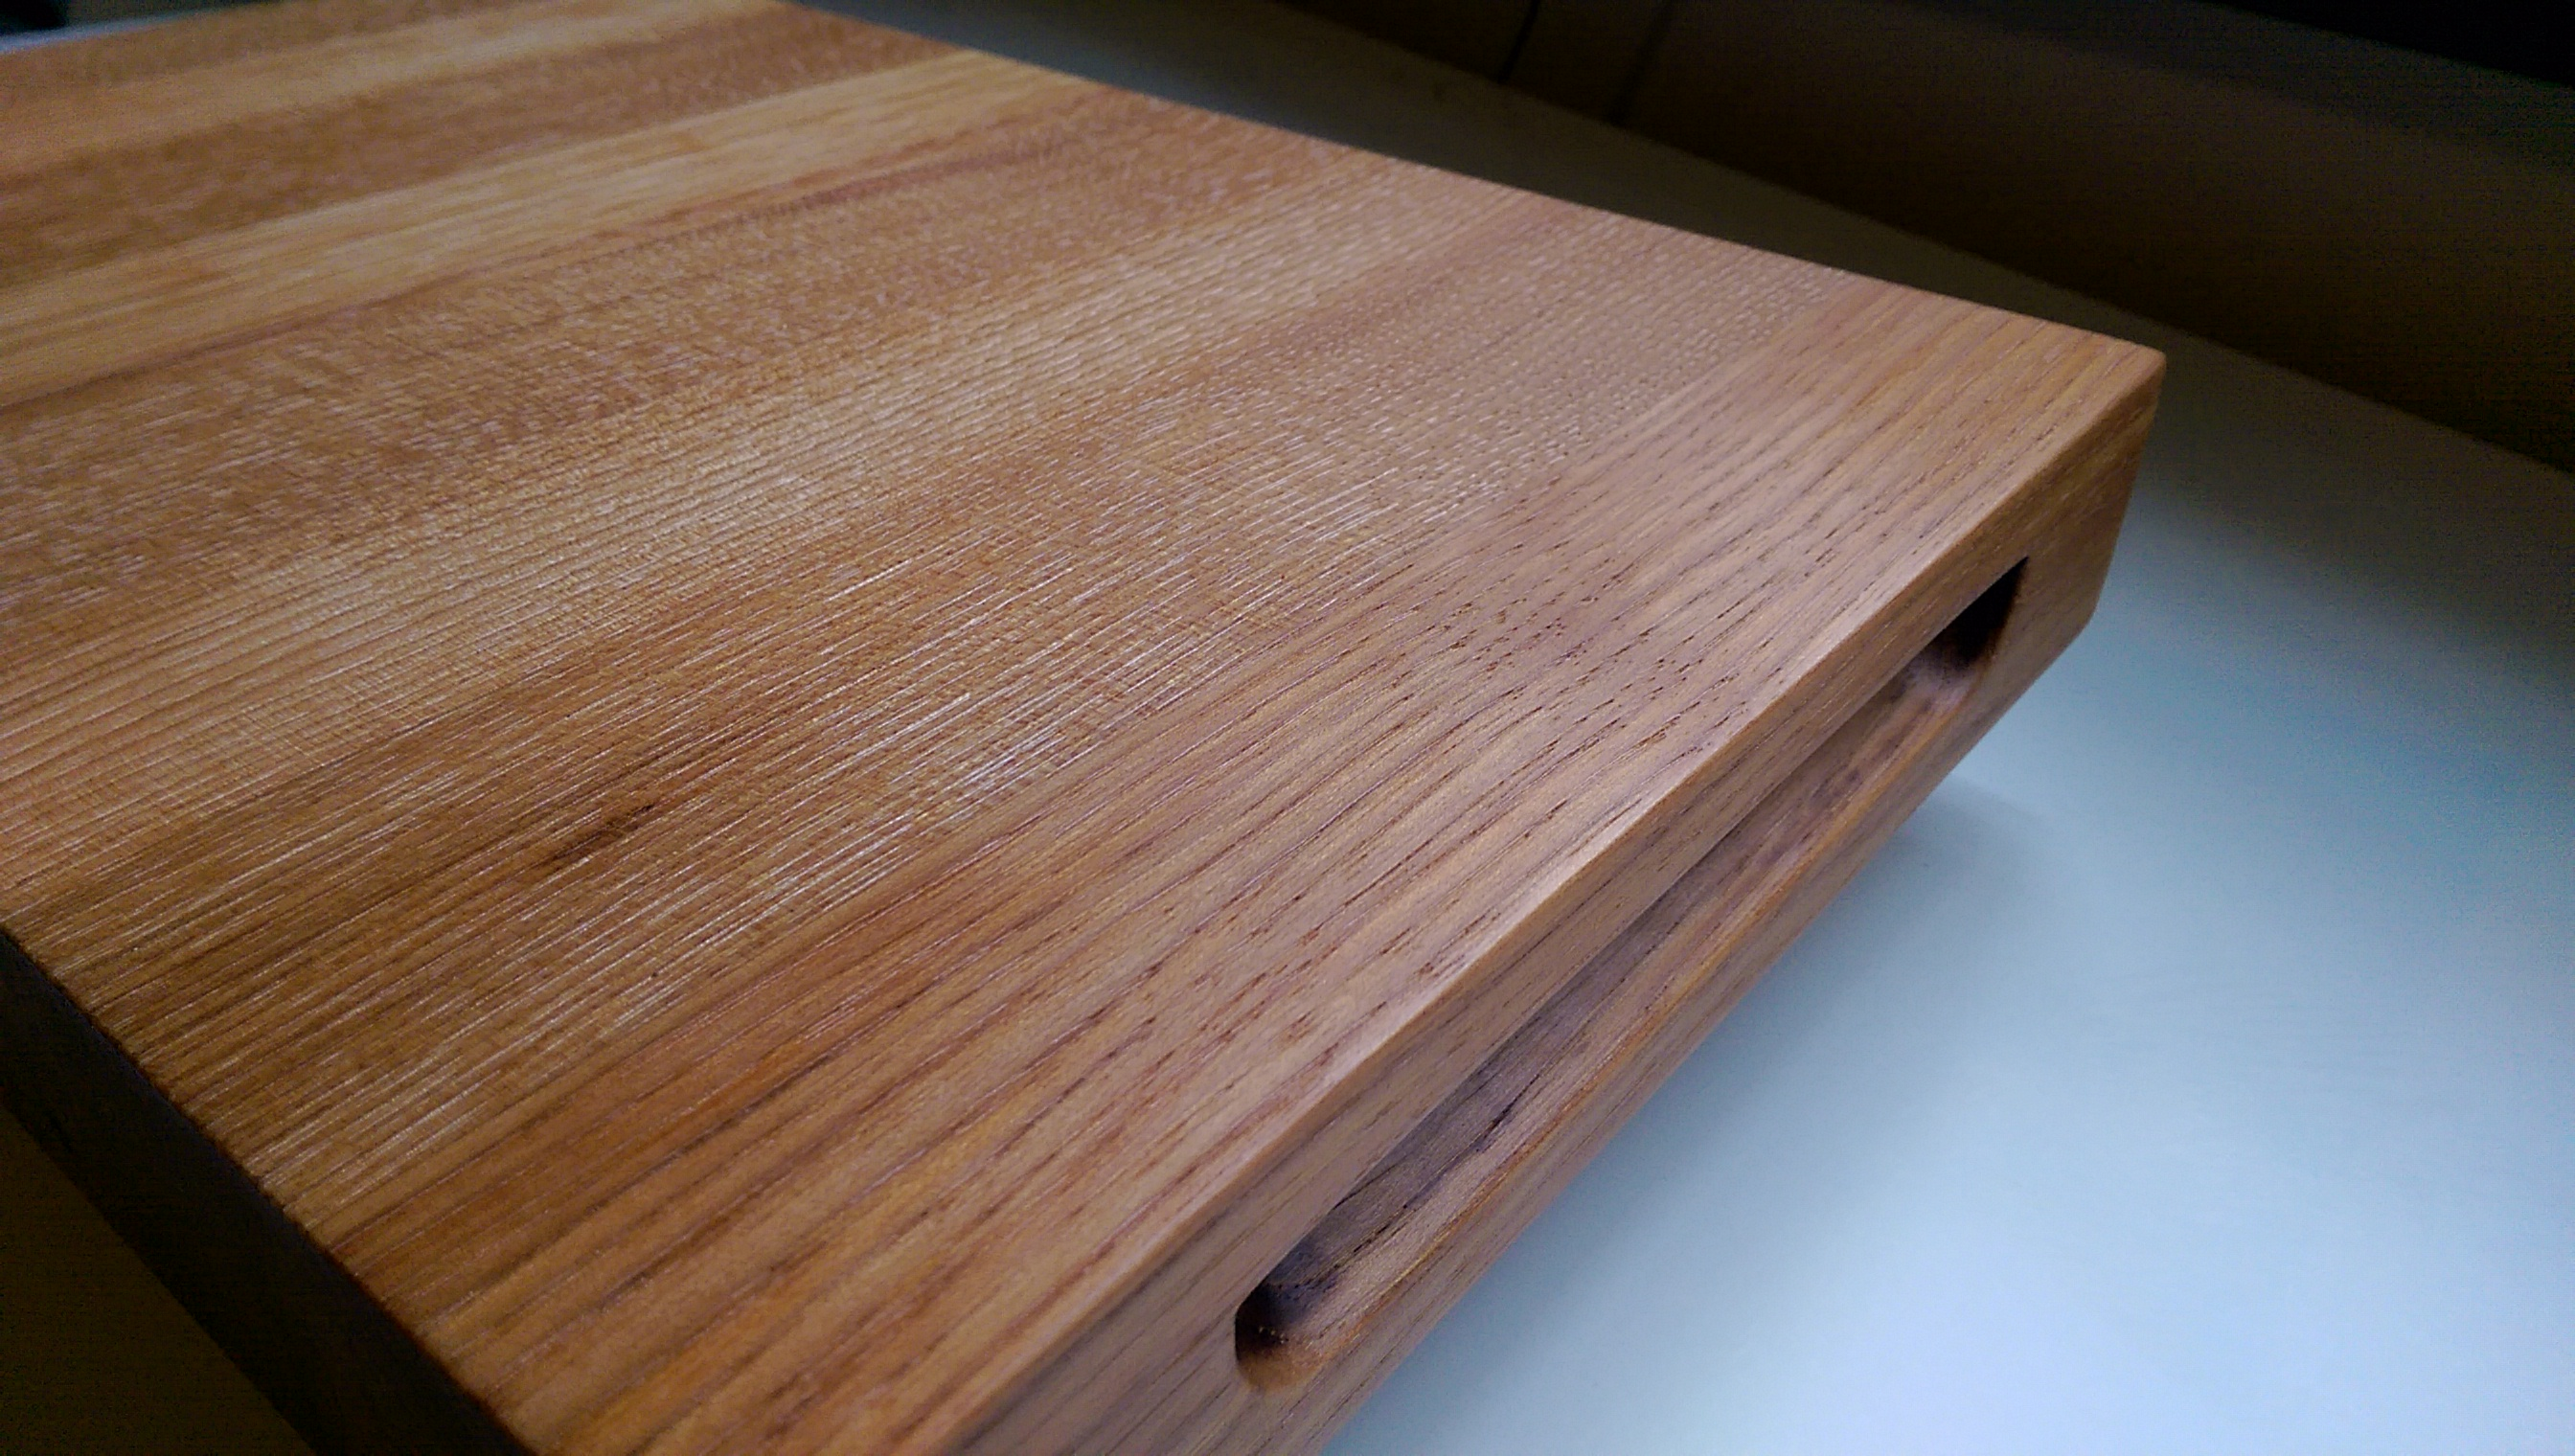 pecan cutting board